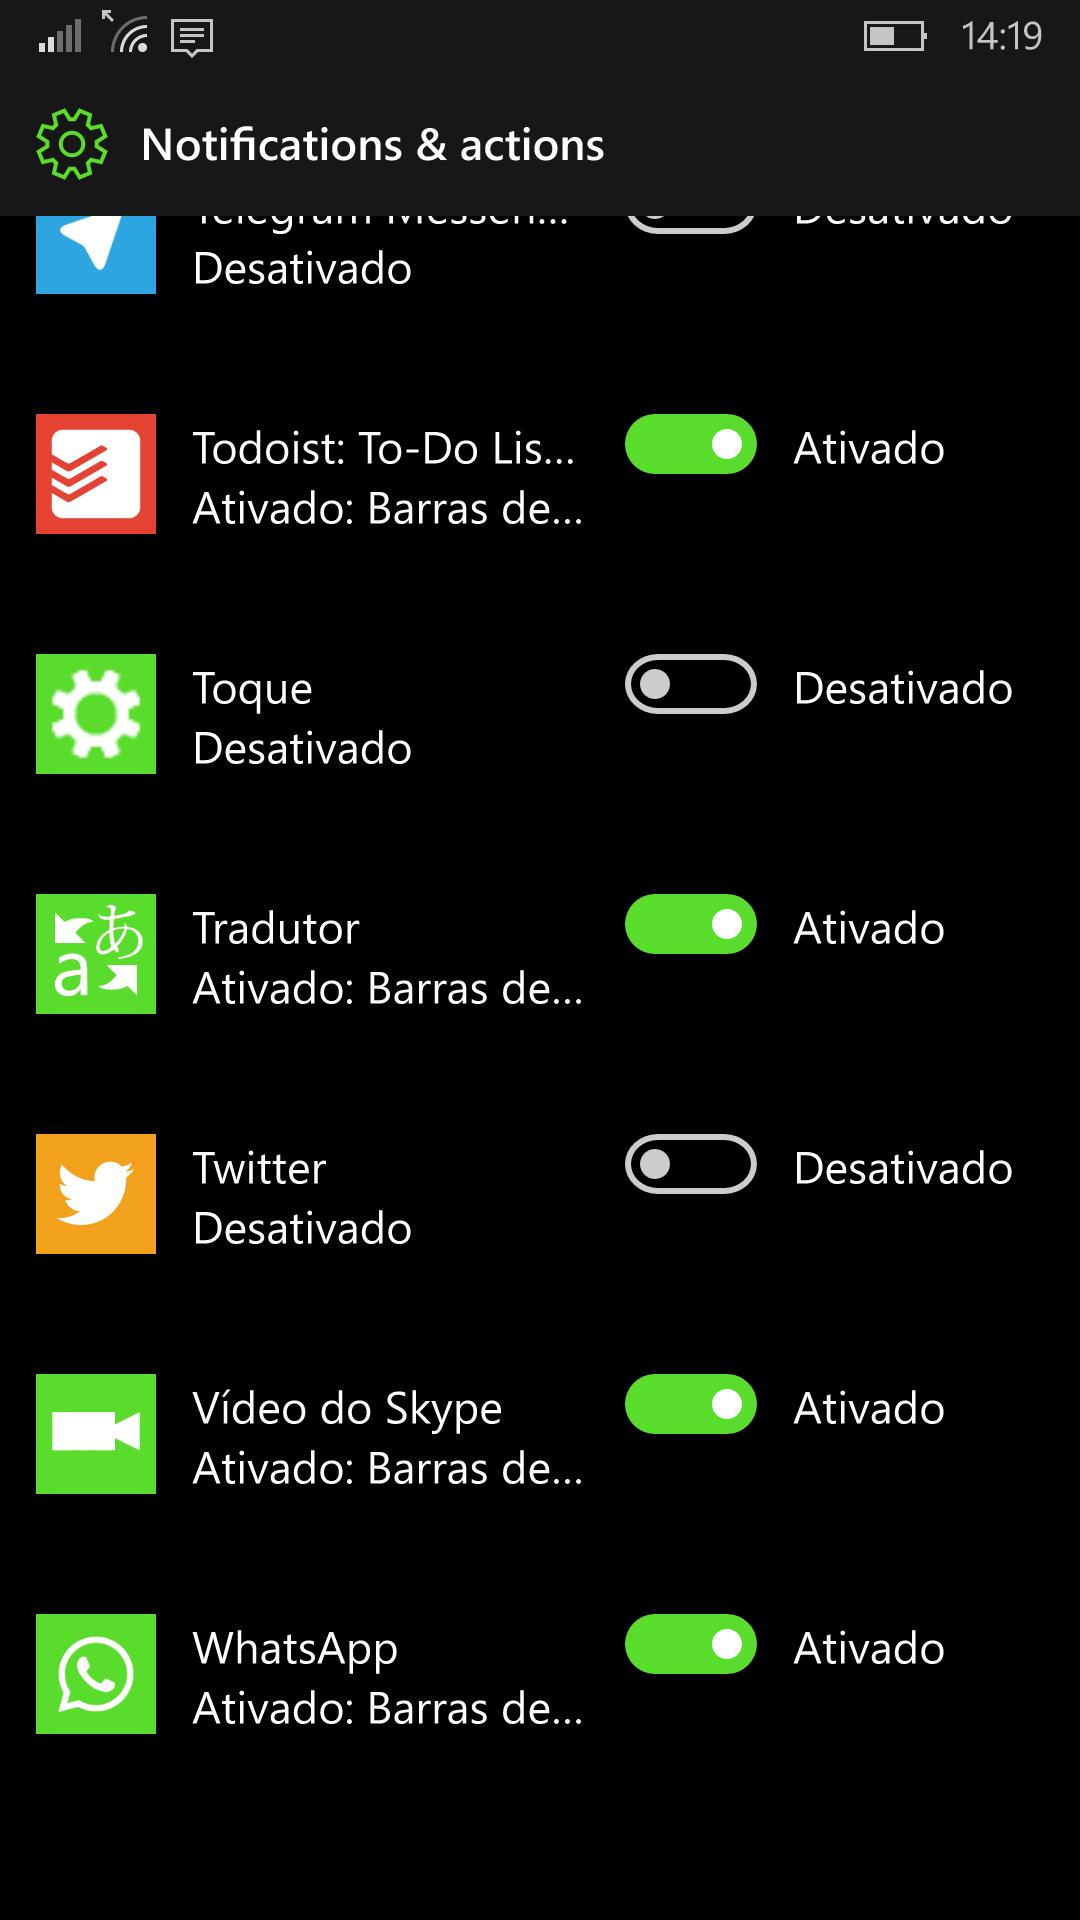 whatsapp uso de dados rede celular (1)